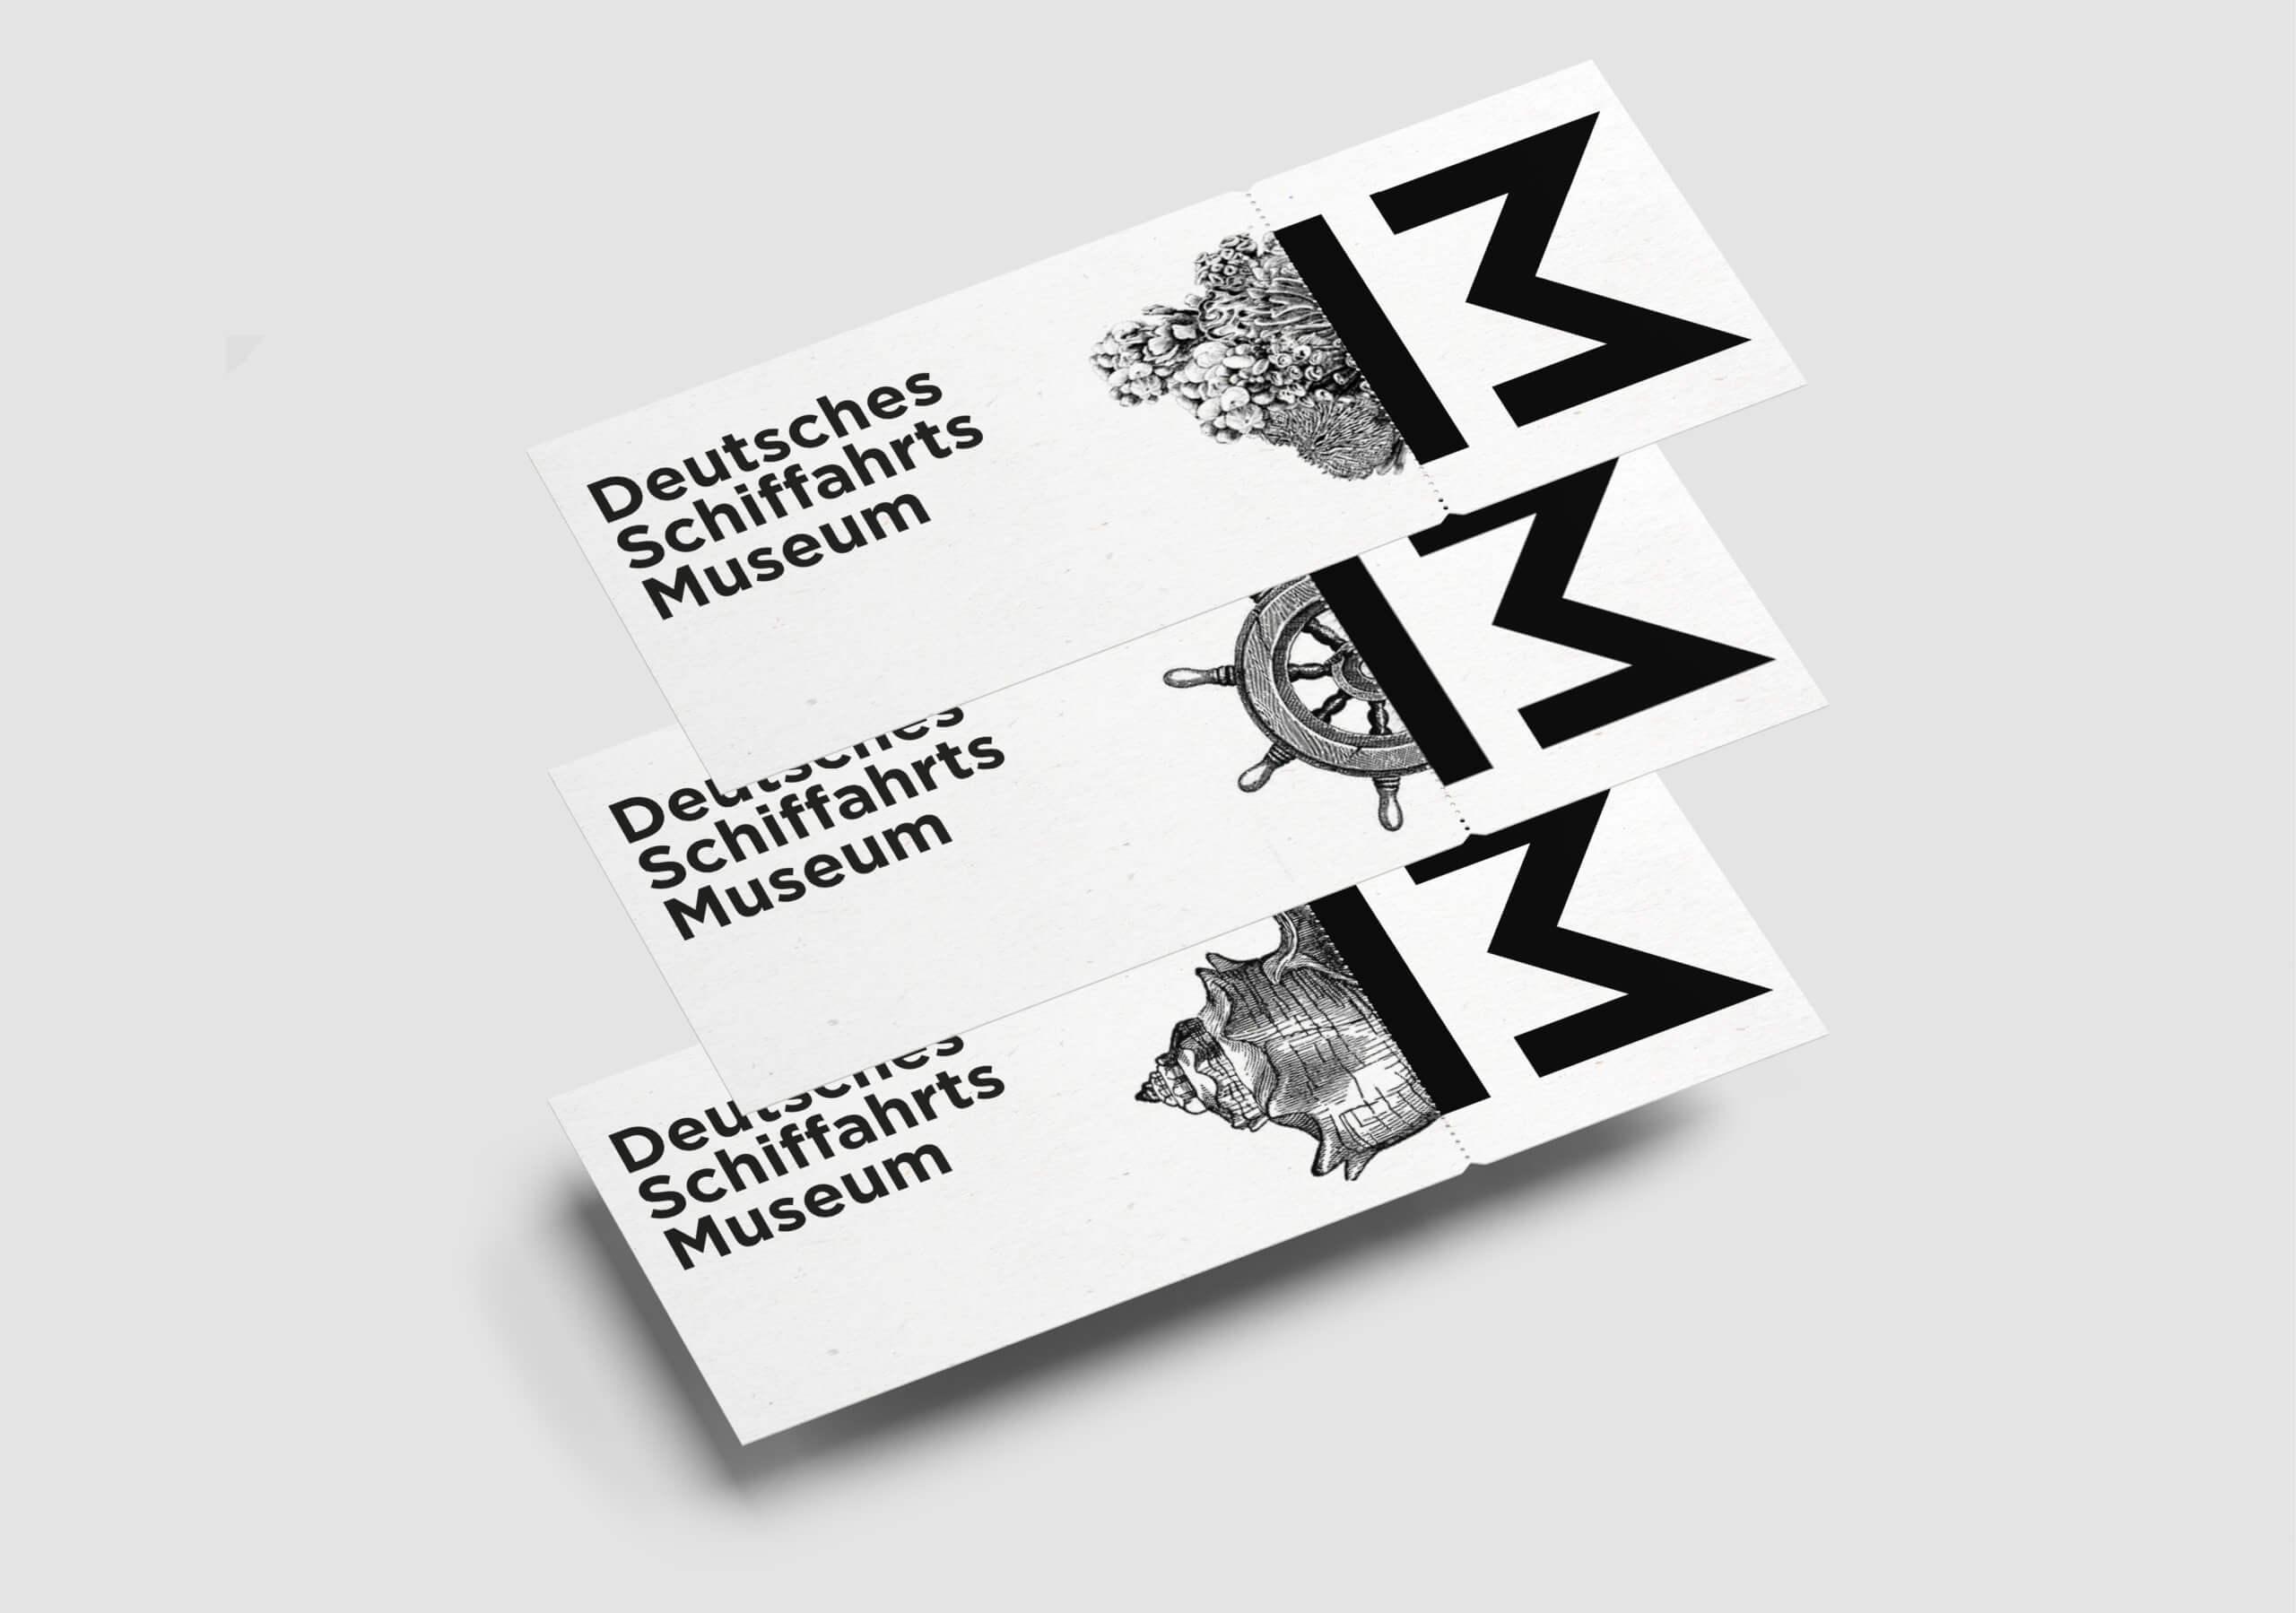 DSM_Museum